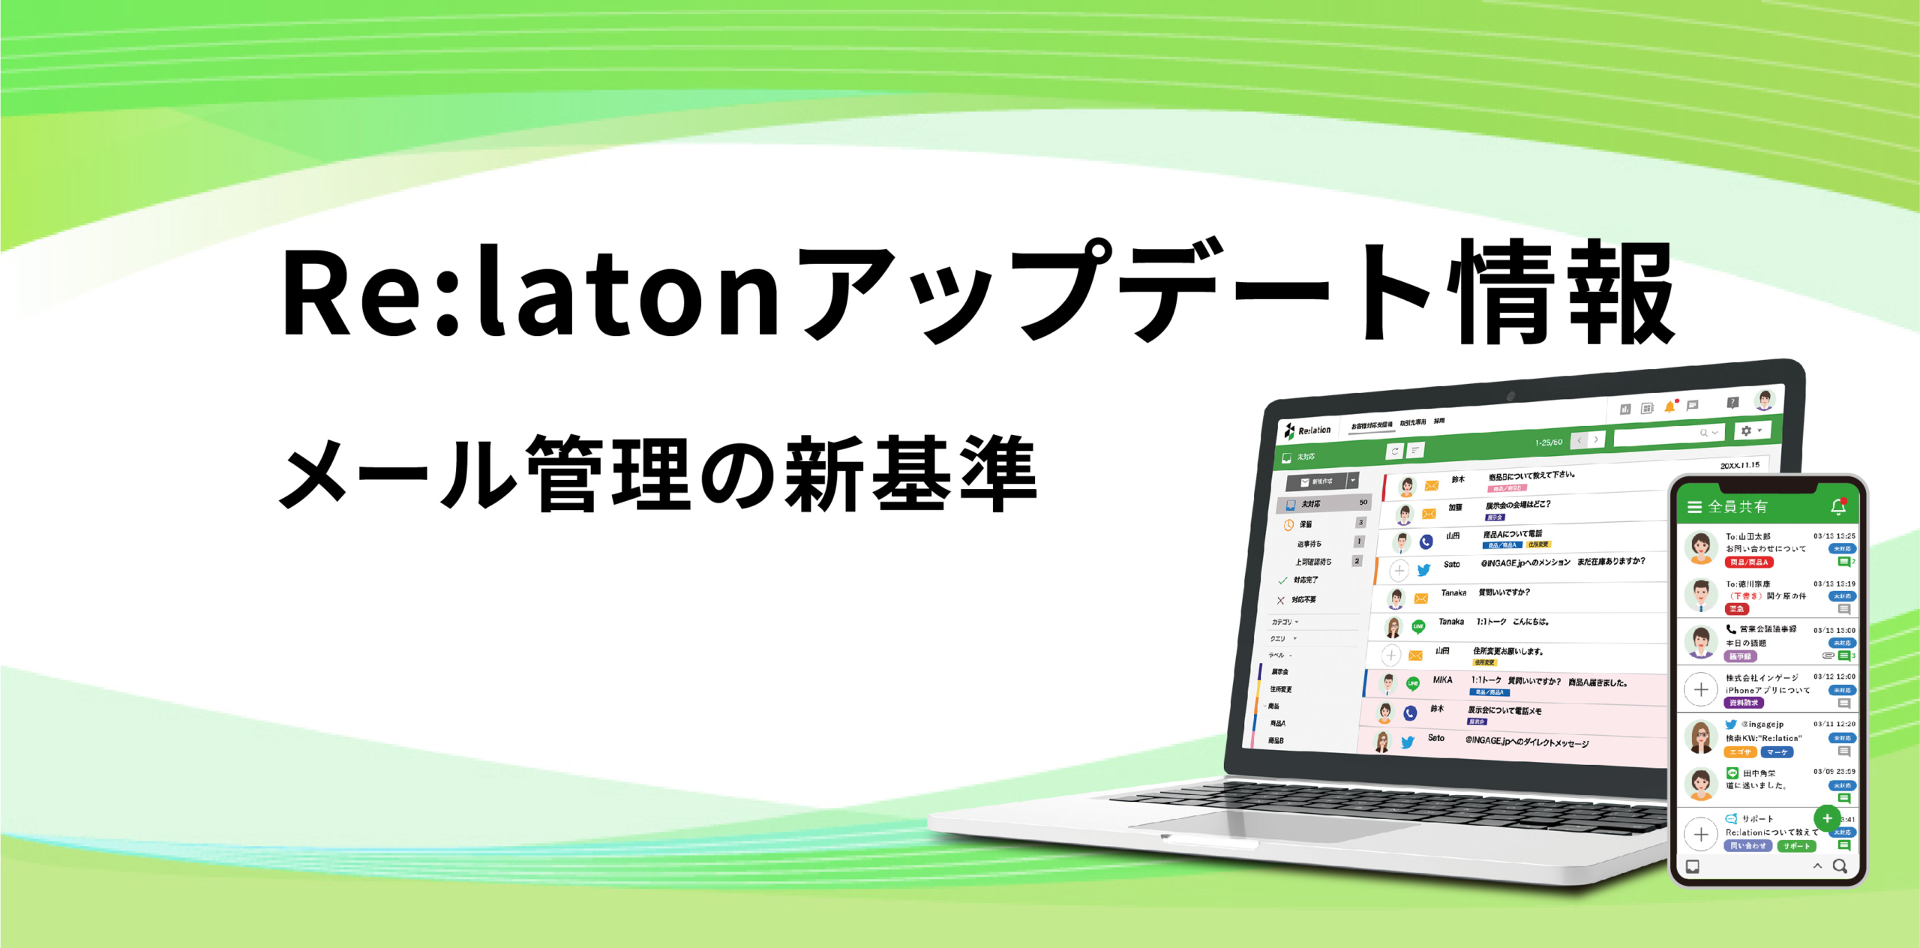 テレワーク時代のメール管理「Re:lation(リレーション)」07.09アップデート